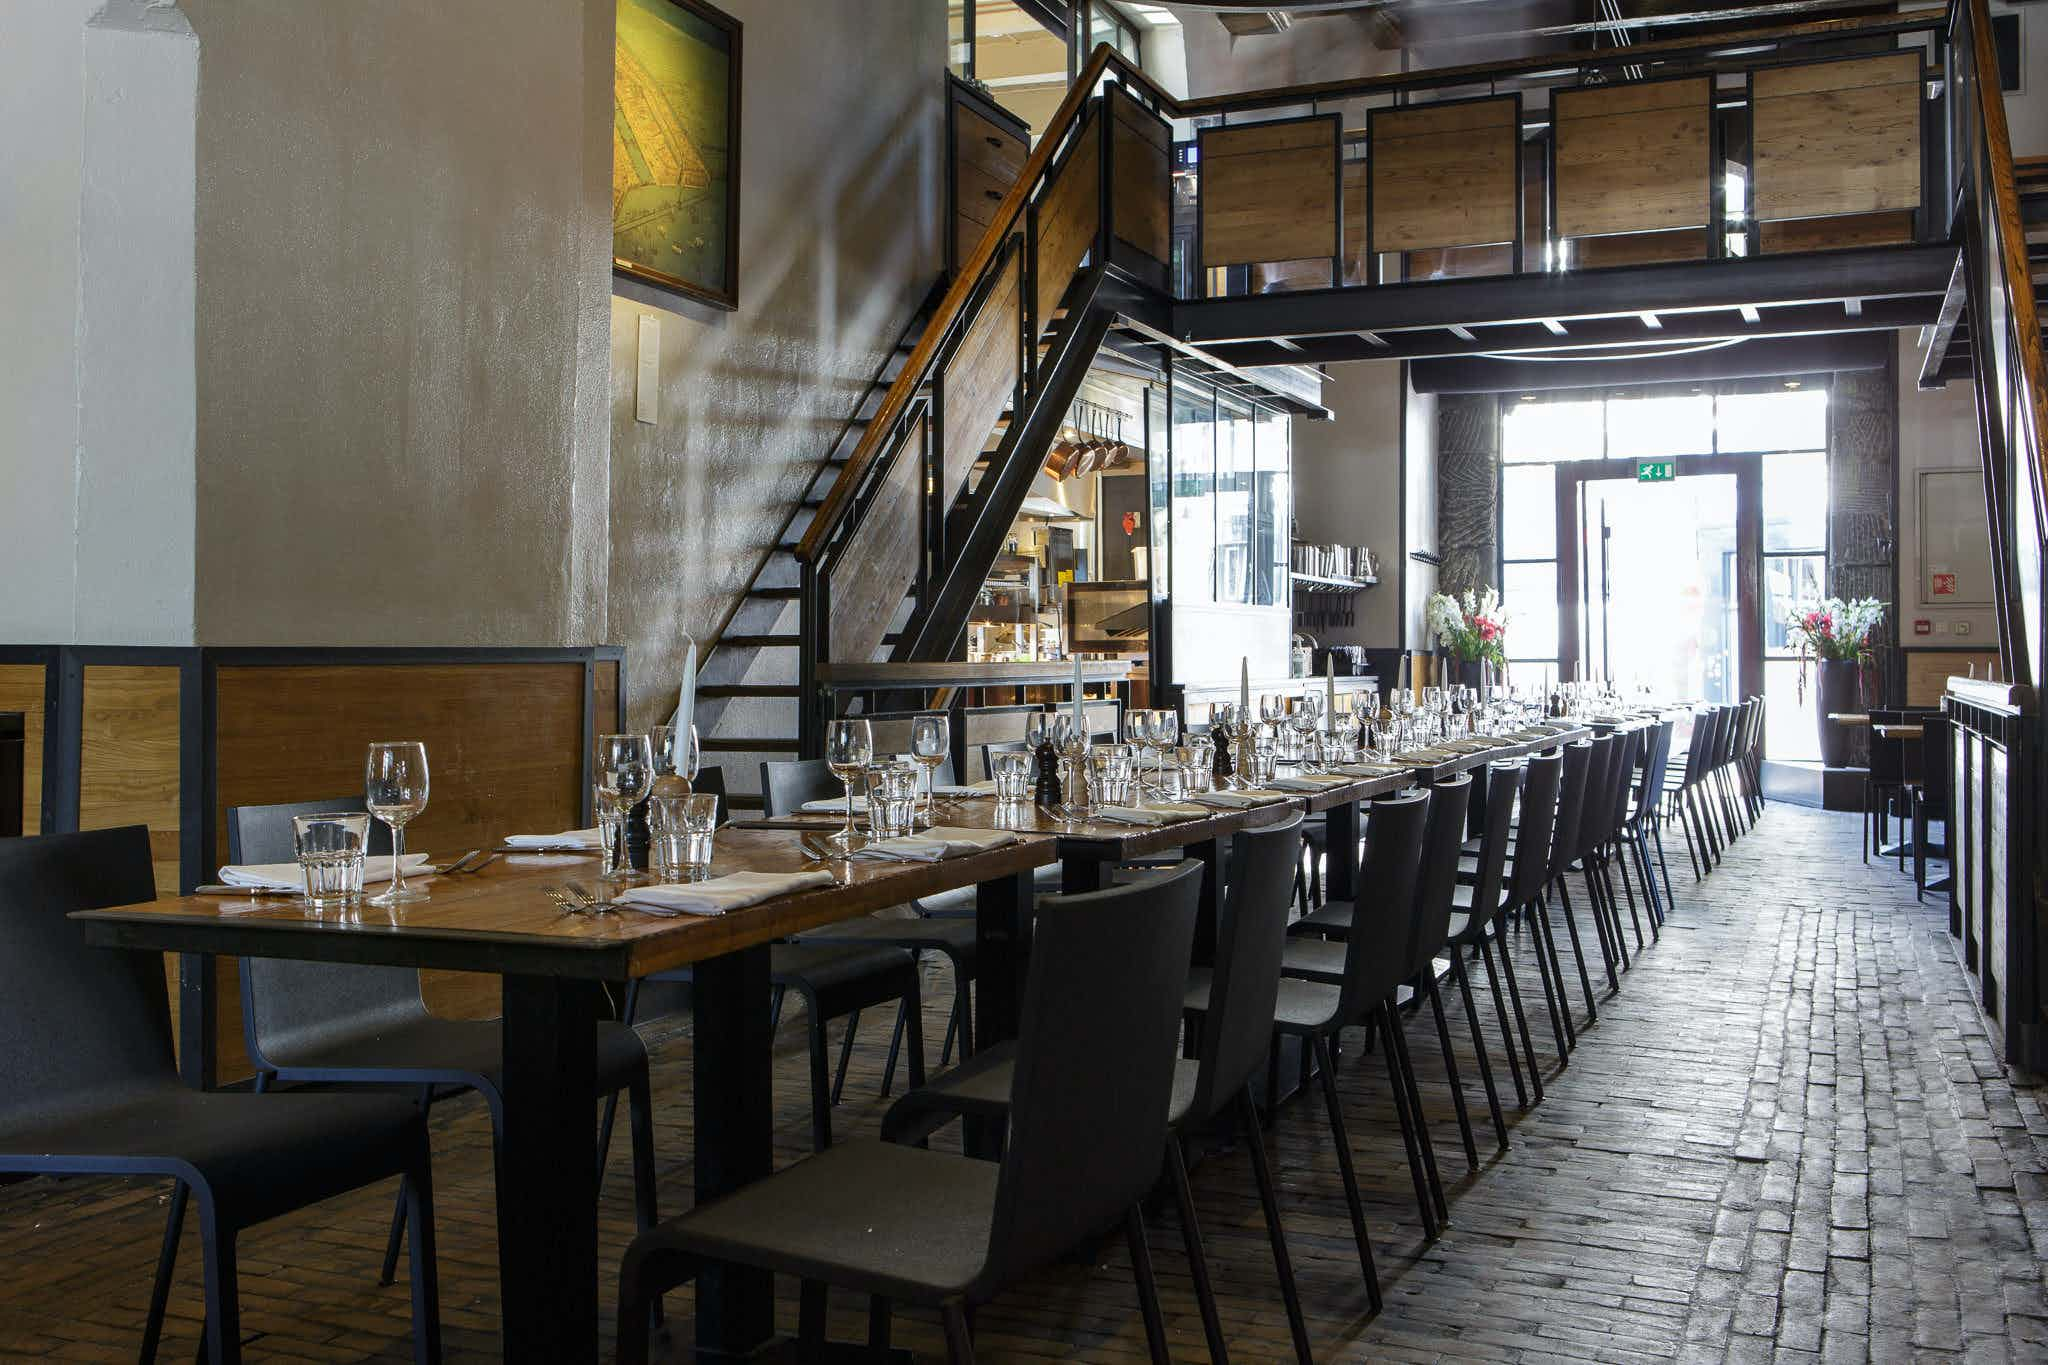 St. Antonis passage, Cafe In de Waag